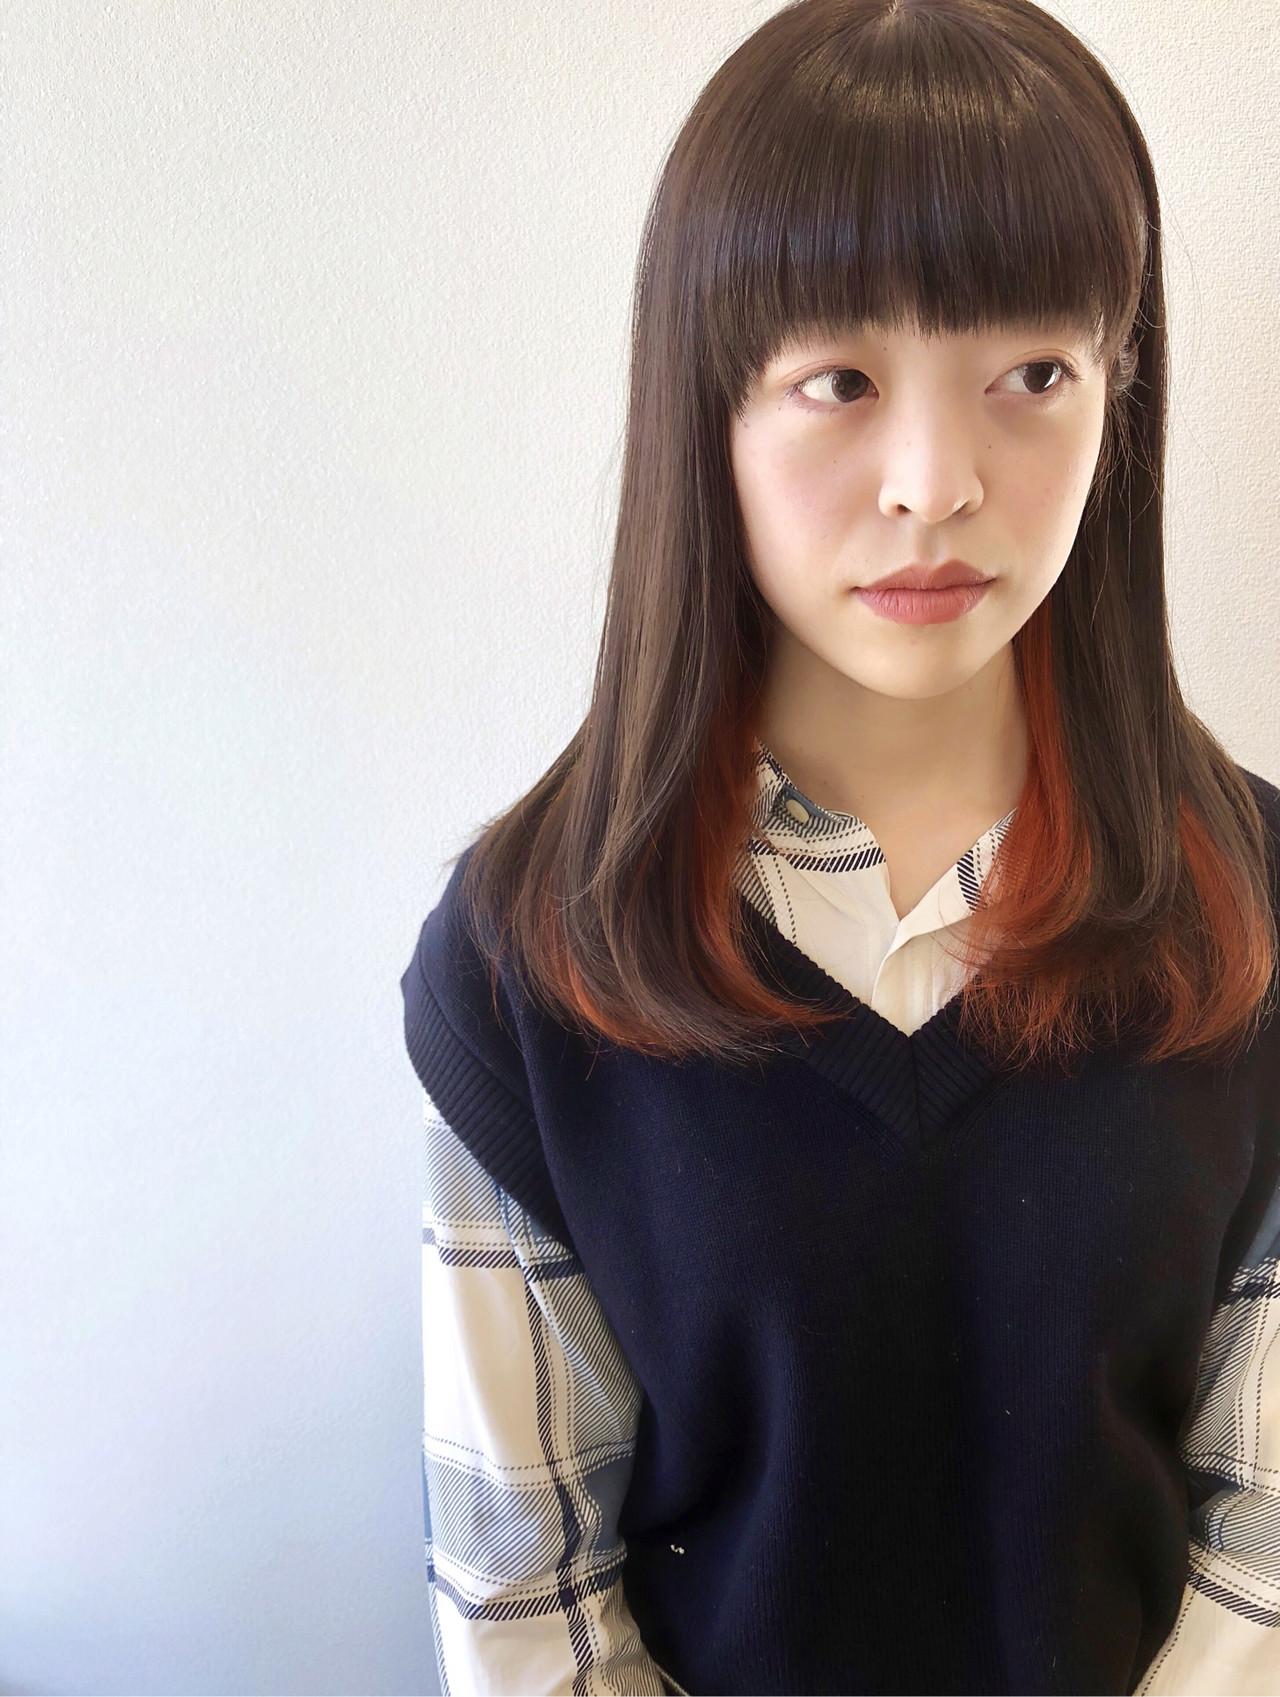 グレージュ インナーカラー ストレート インナーカラーオレンジ ヘアスタイルや髪型の写真・画像 | 田中 祐樹 / Tribute Hair&Nail